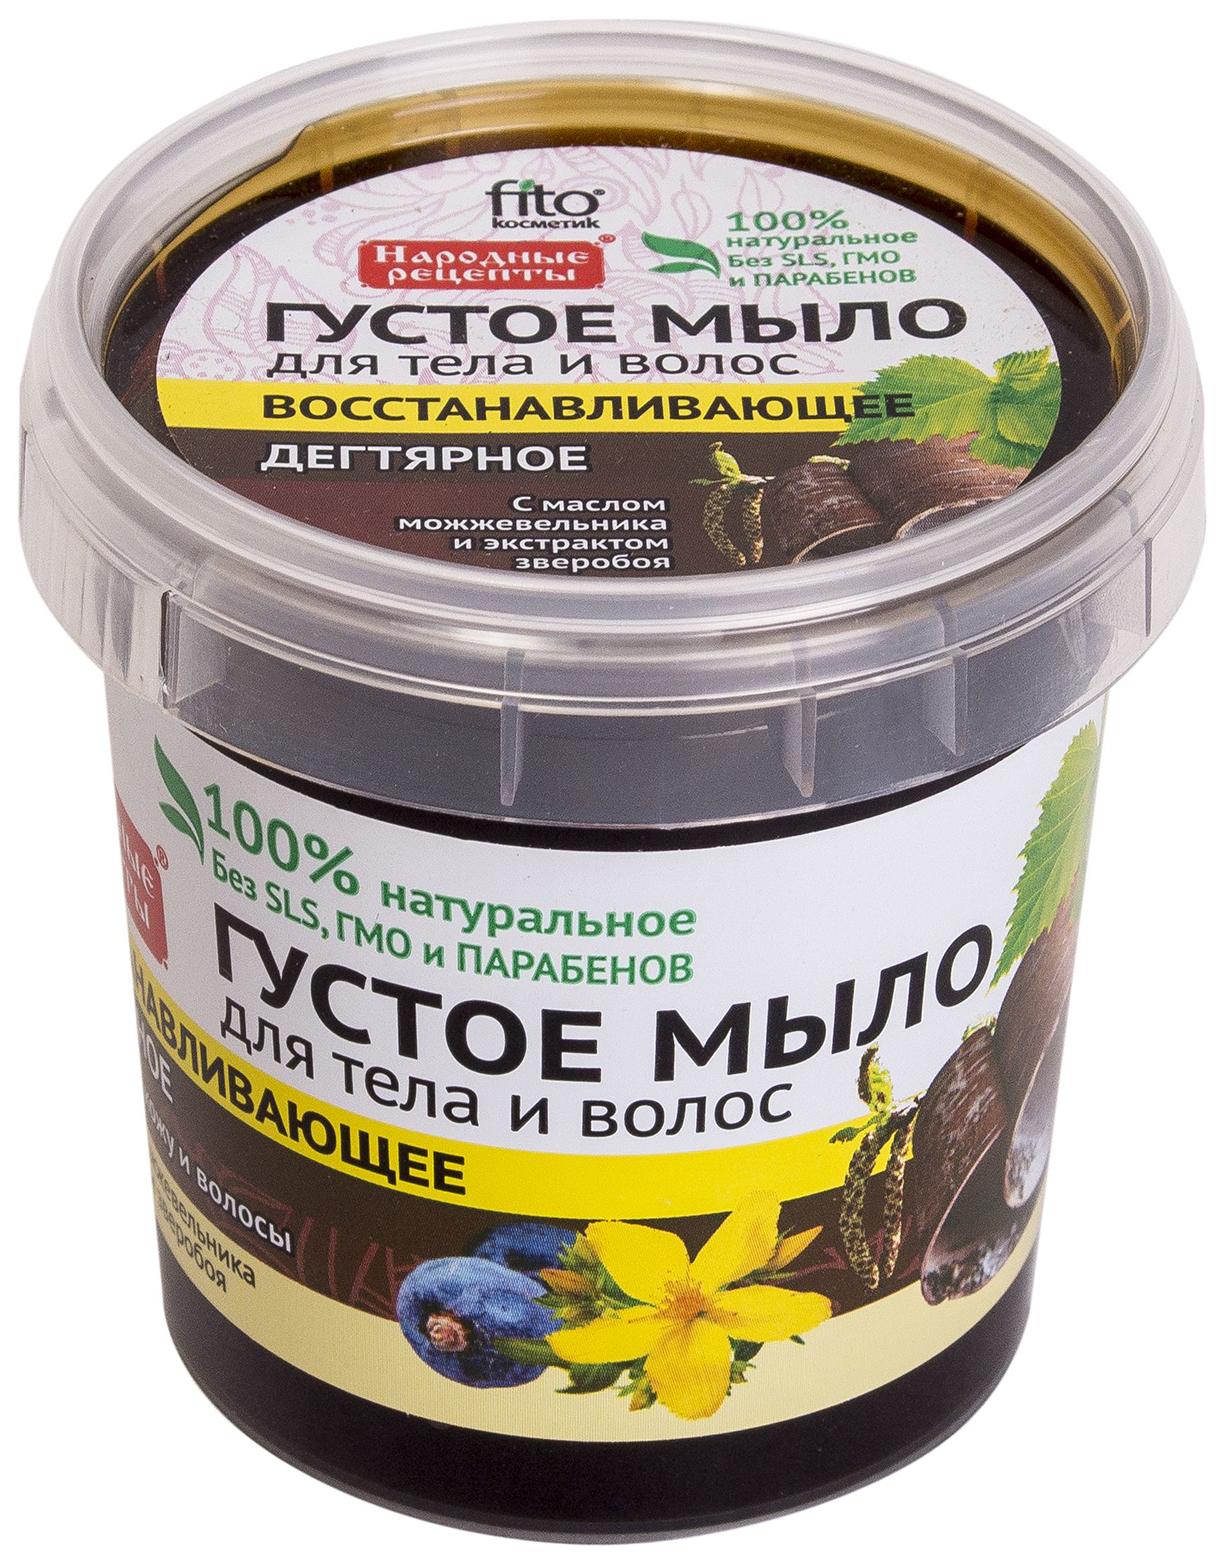 Купить Густое мыло для волос и тела Восстанавливающее Дегтярное, 155 мл, Фитокосметик